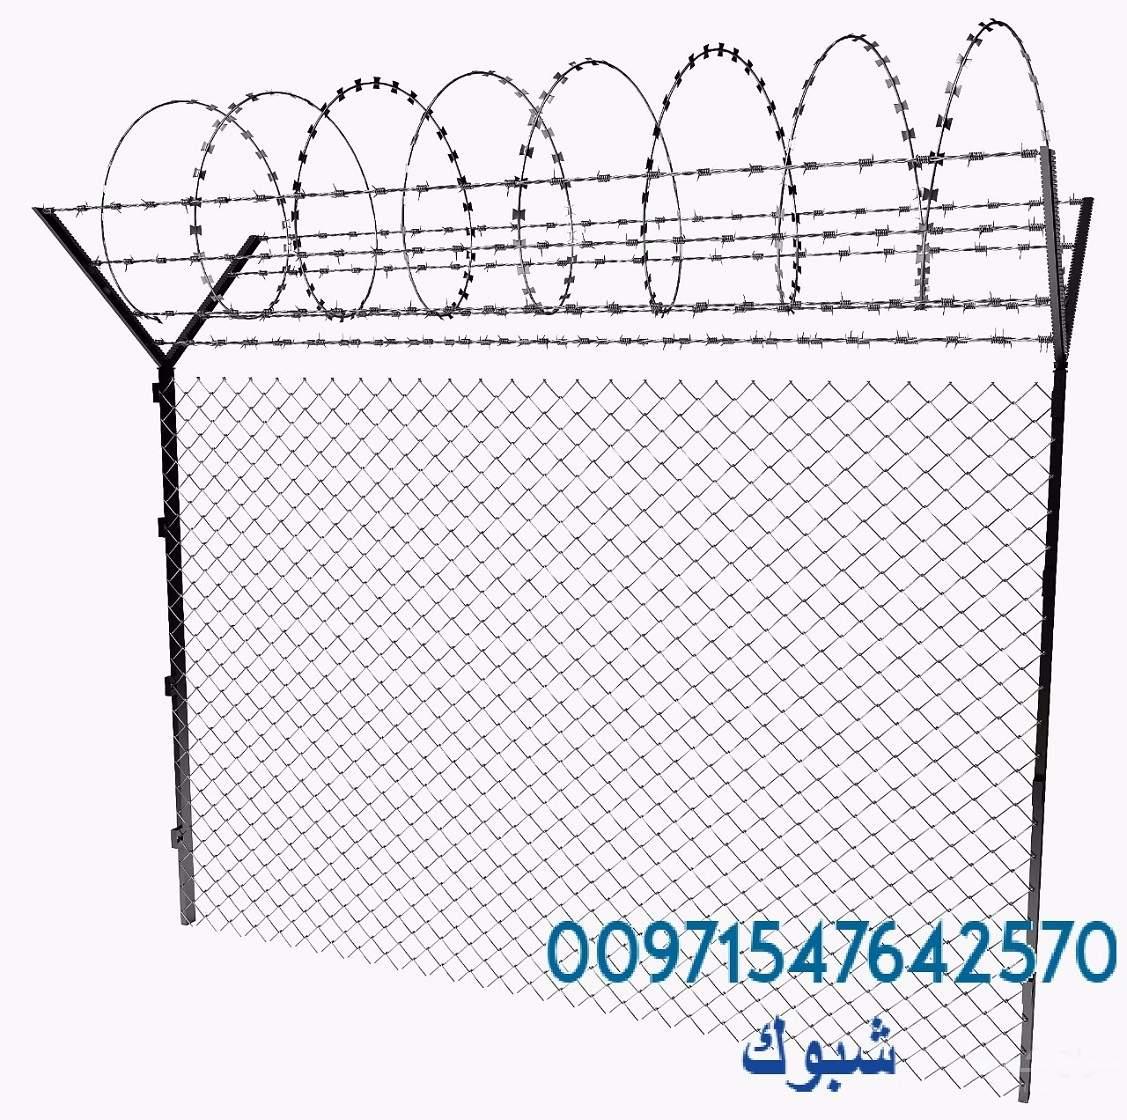 بيوت شعر و قرميد في دبي 00971547642570